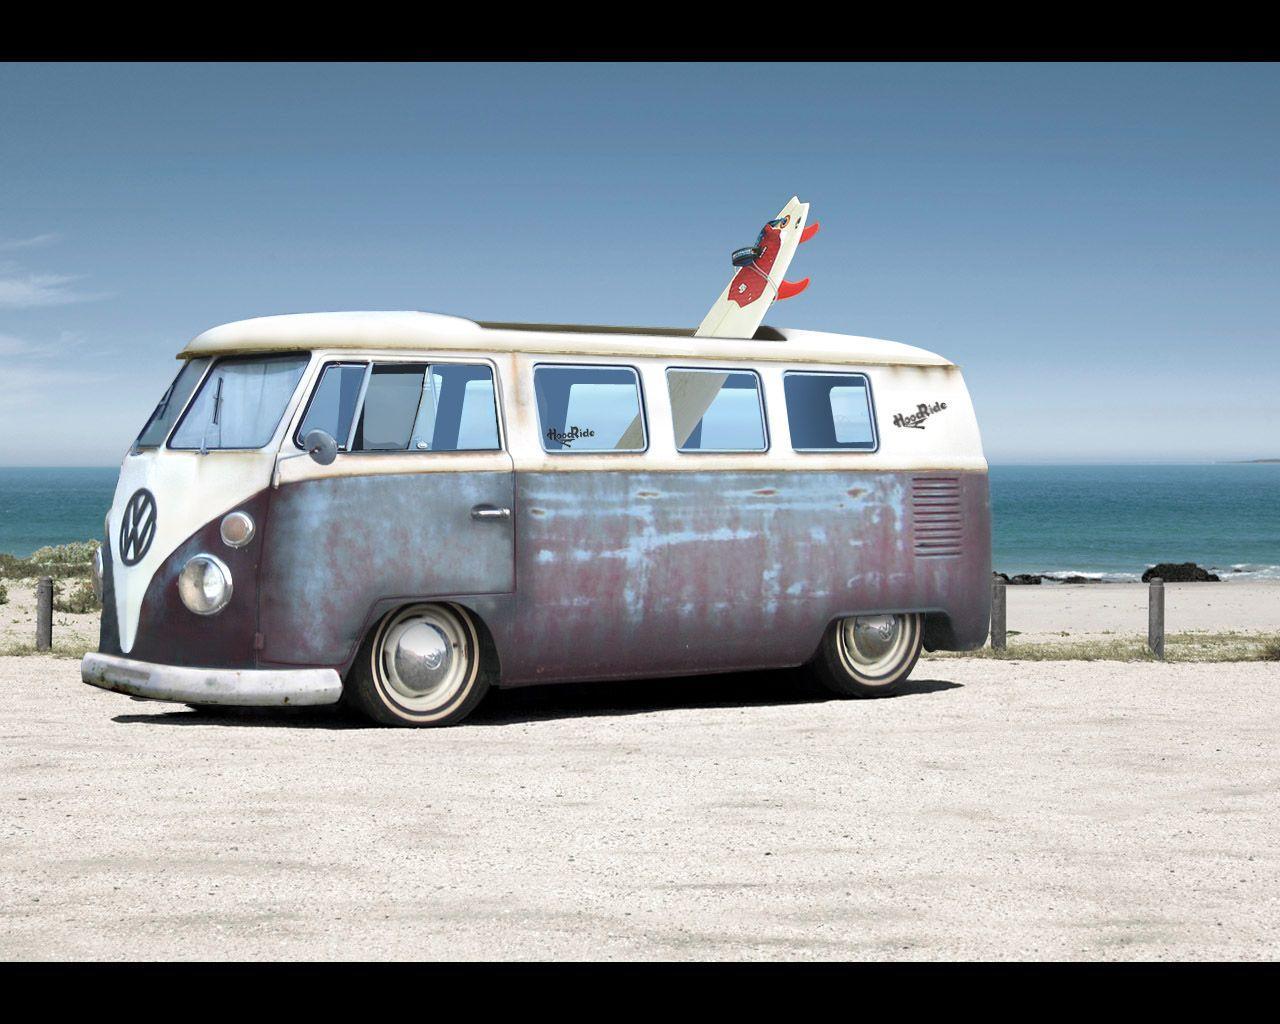 volkswagen buses wallpaper screensavers - photo #48